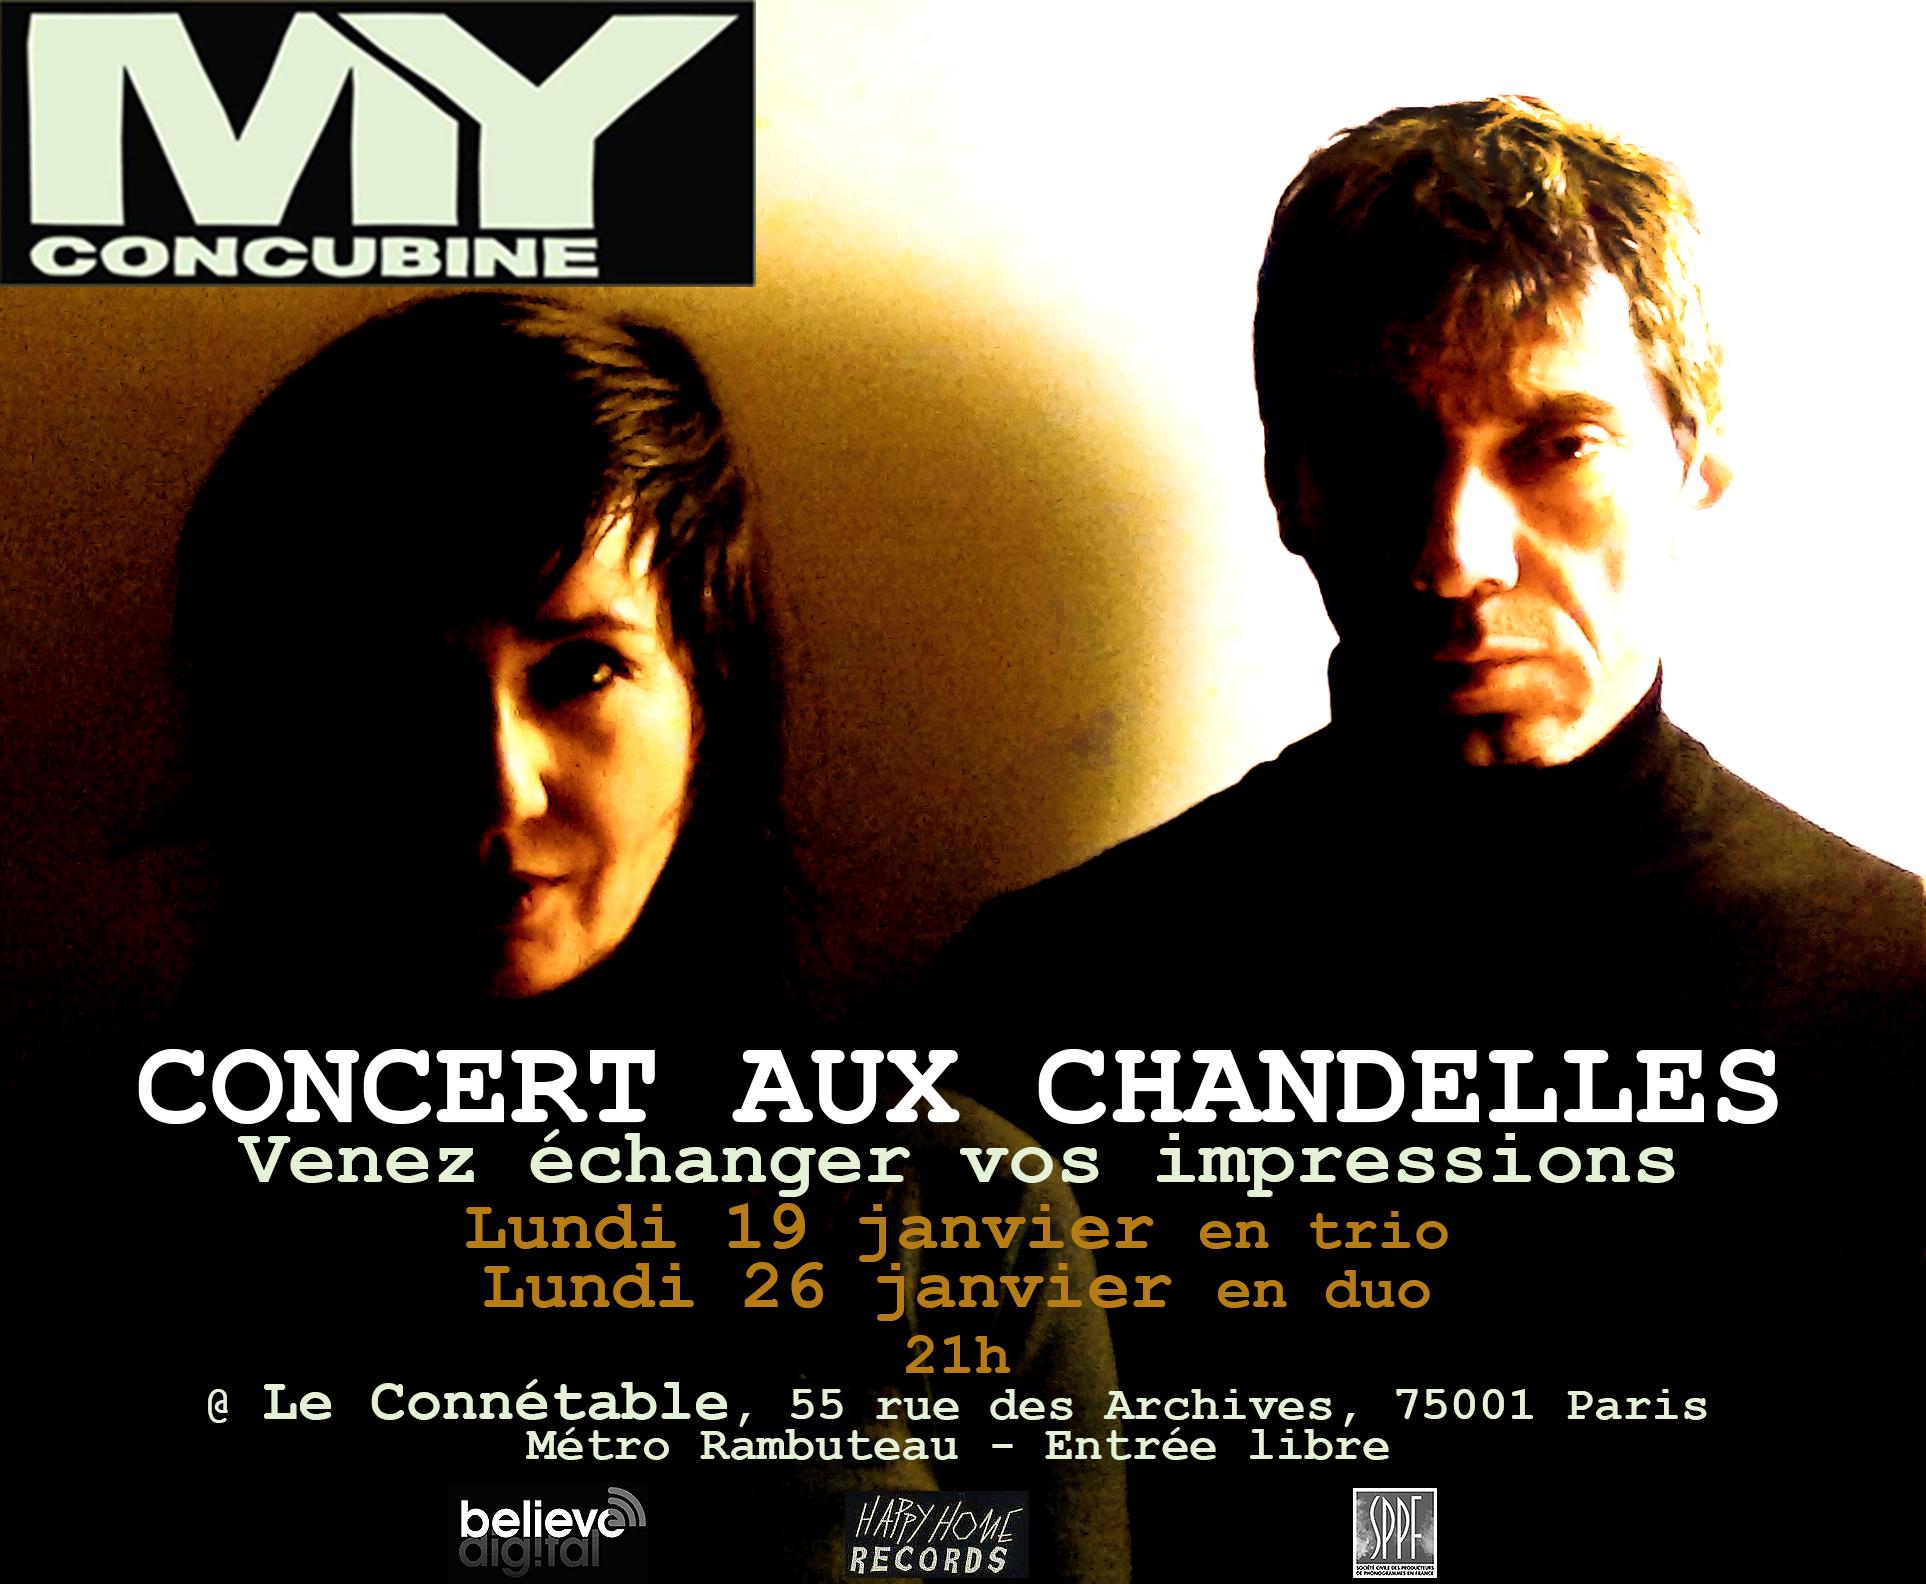 MY Concubine - Concert Paris Le Connétable - Scène rock française indé